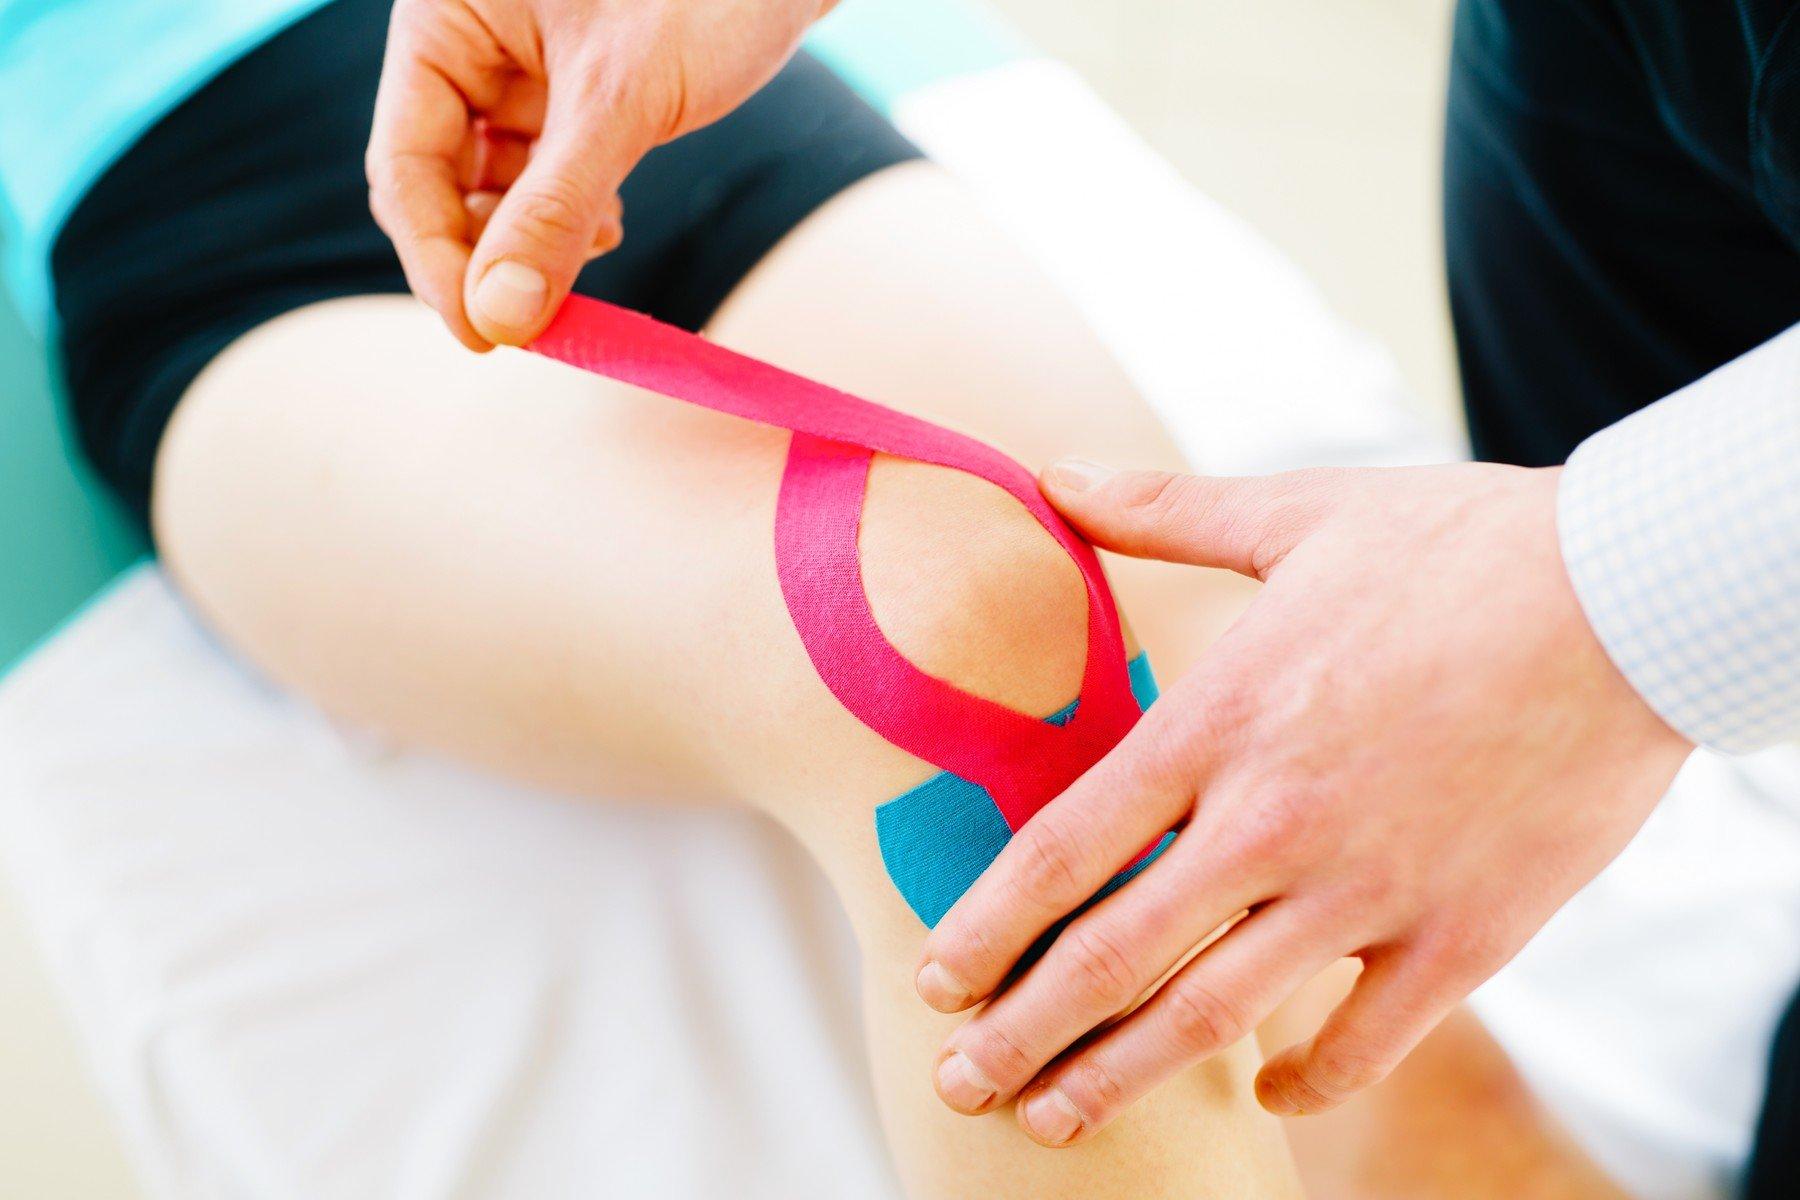 Fyzioterapeut aplikuje ženě na koleno kinesiotape